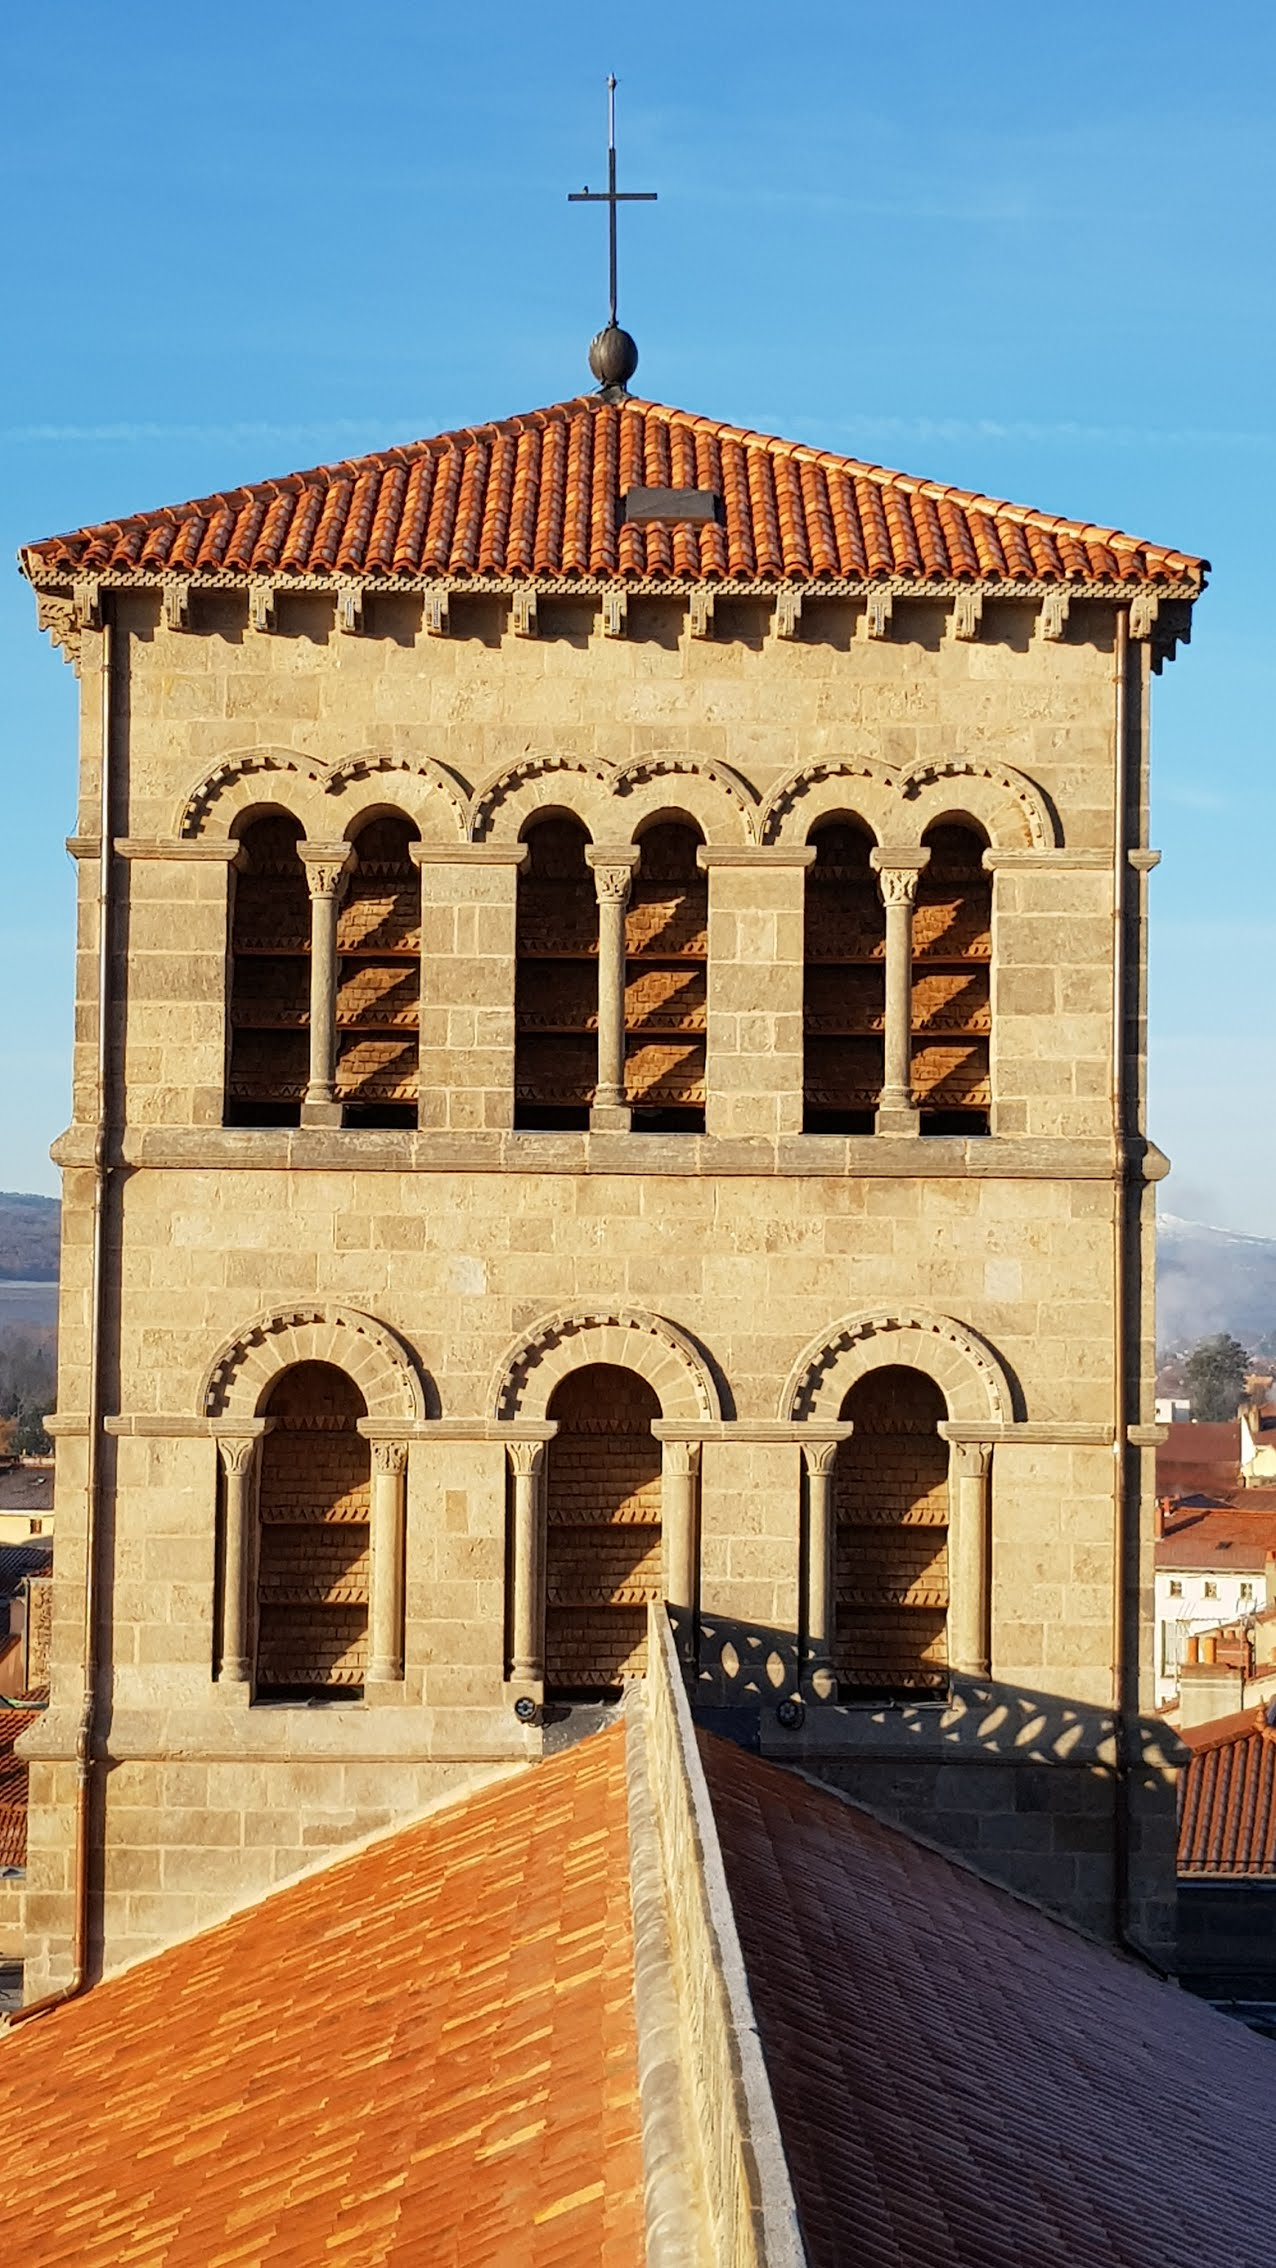 Agence Caillault ACMH – ISSOIRE – Abbatiale Saint-Austremoine – Tour de la croisée du transept